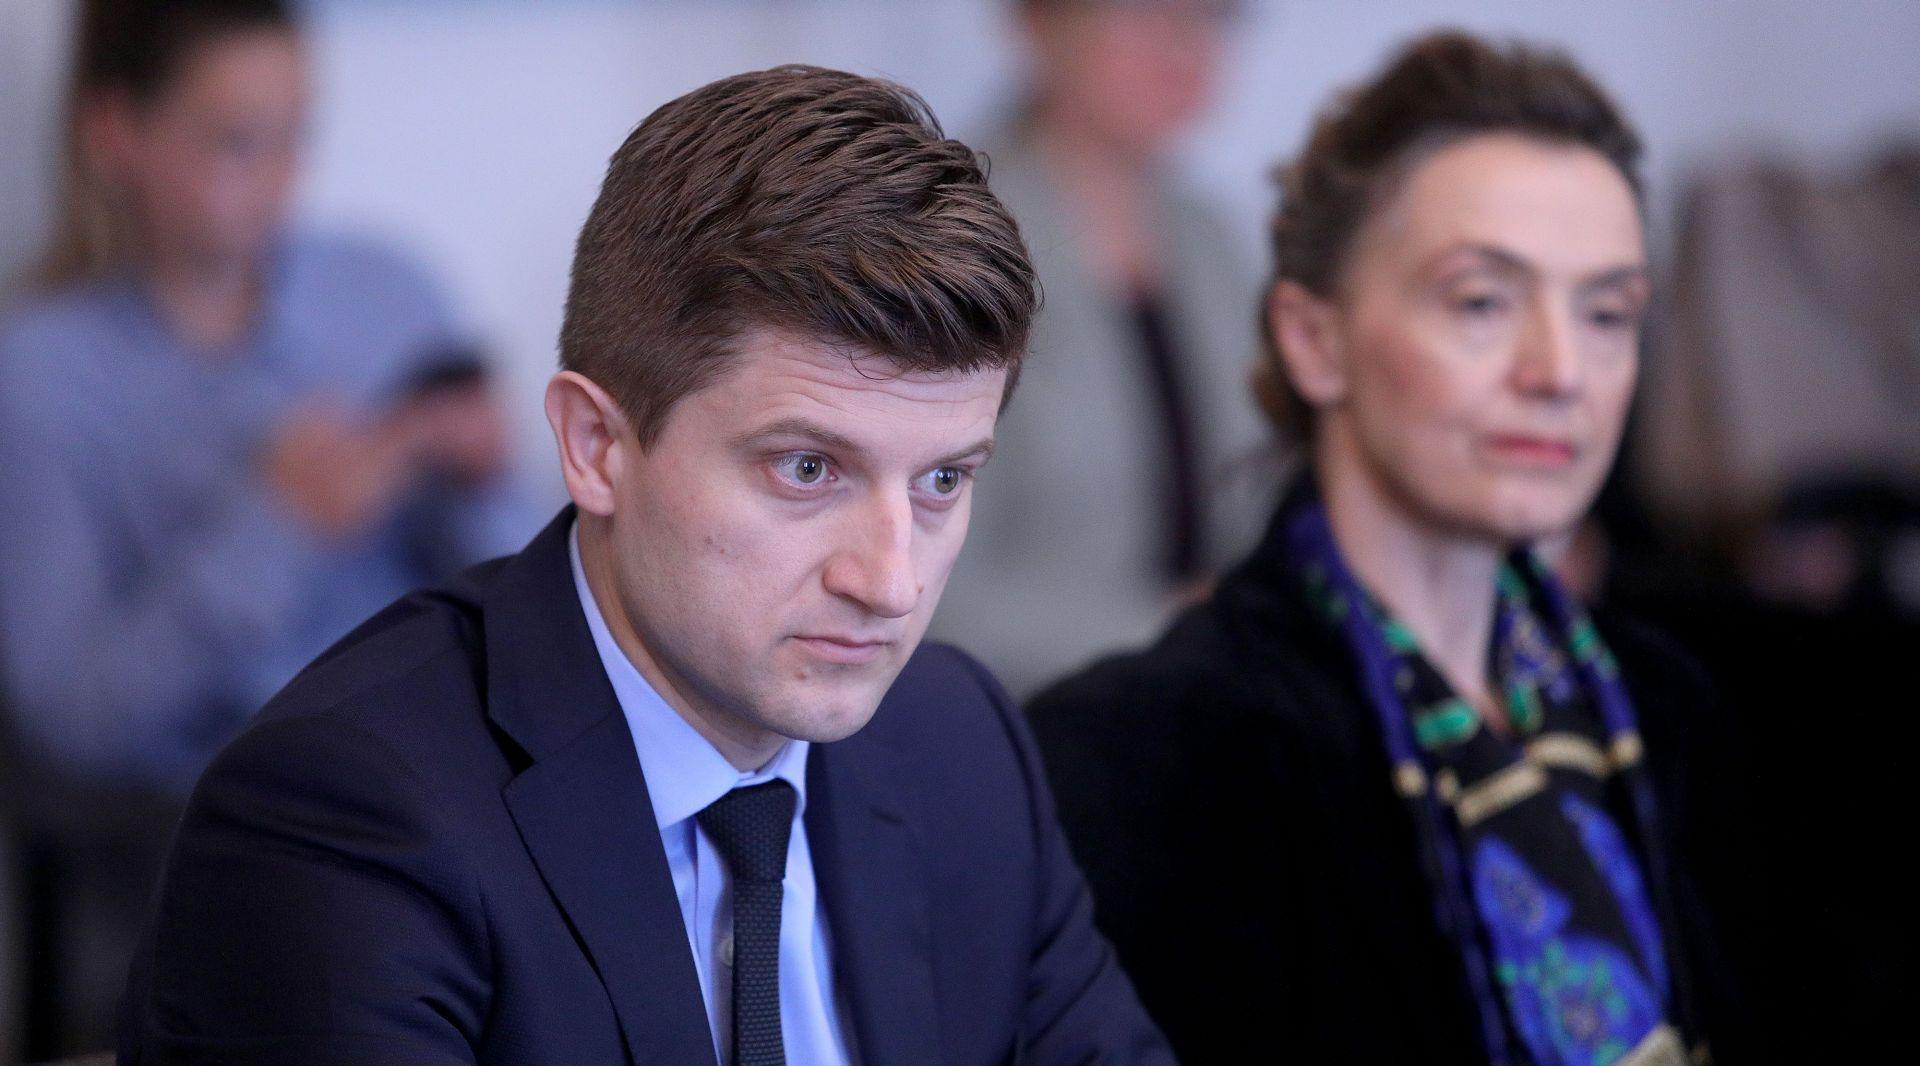 """ZDRAVKO MARIĆ """"Žao mi je što od kolega iz Mosta nisam dobio priliku iznijeti svoje argumente"""""""